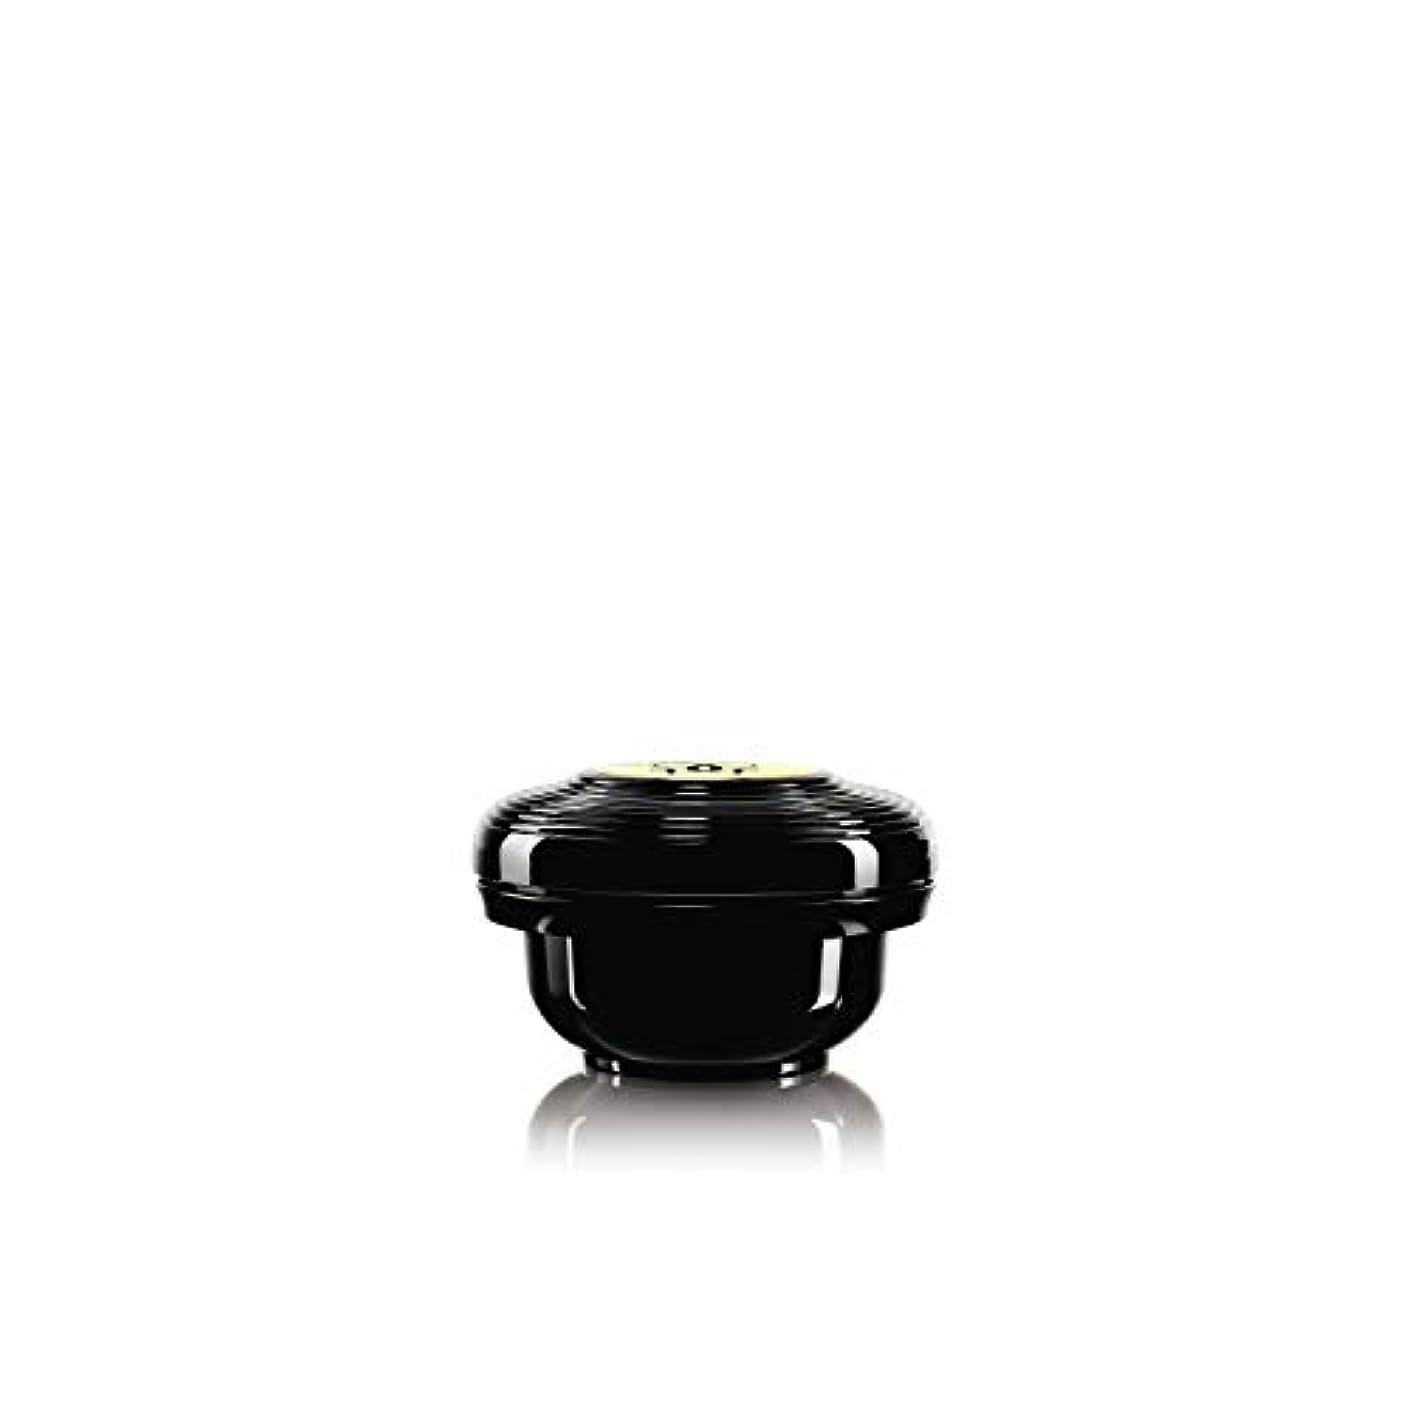 どこか愛情深いレンズ【GUERLAIN(ゲラン)】オーキデ アンペリアル ブラック クリーム ベルナルド(リフィル)50mL/クリーム